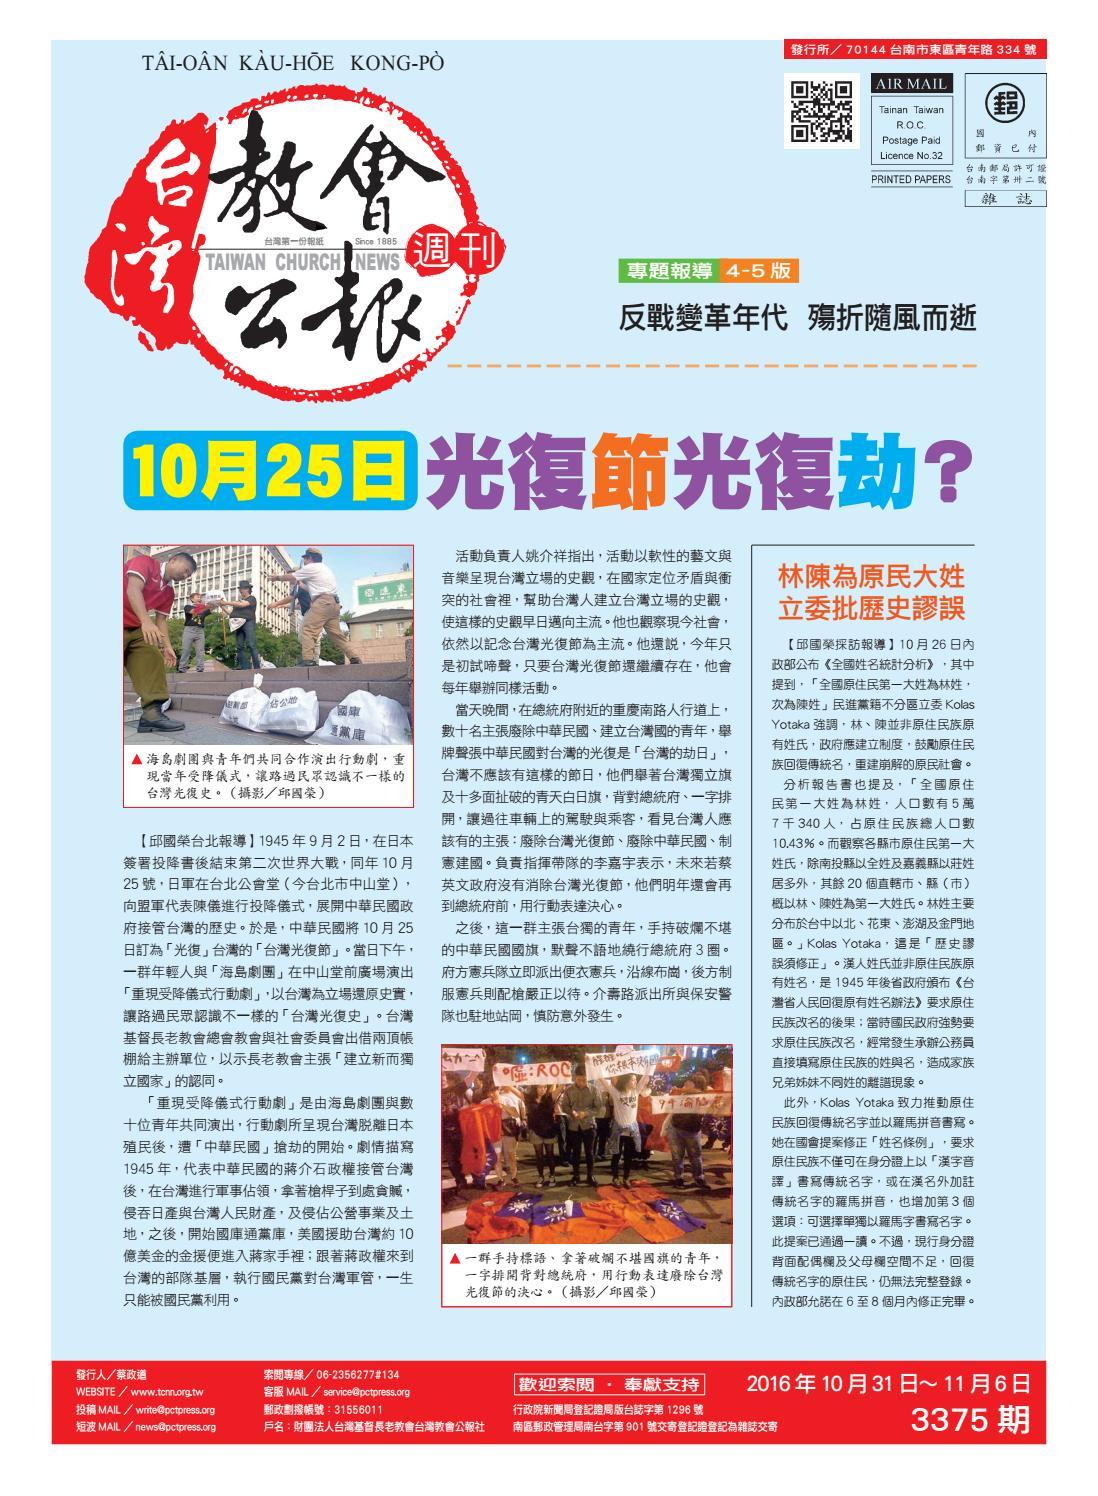 教會公報3375期 by 臺灣教會公報社 - Issuu